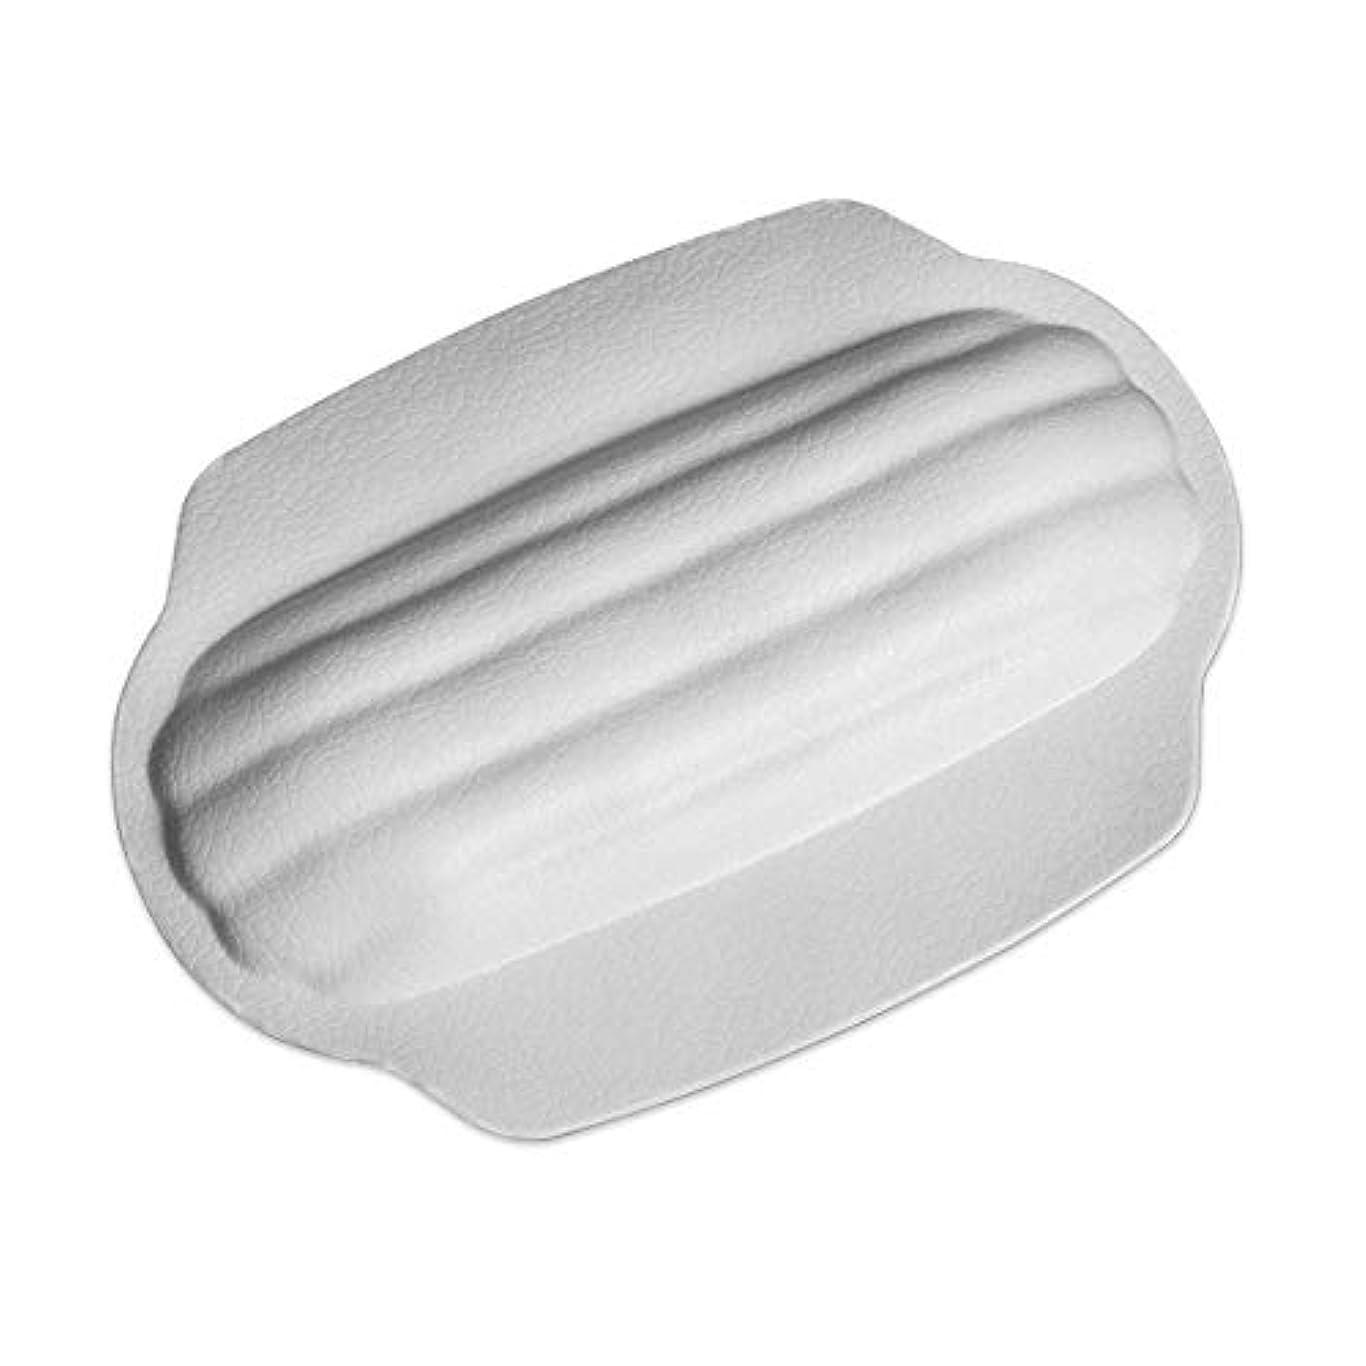 に渡って圧倒する計算するサクションカップ付き防水滑り止めスパ枕厚めユニバーサルバスタブ枕バスタブと抗菌性